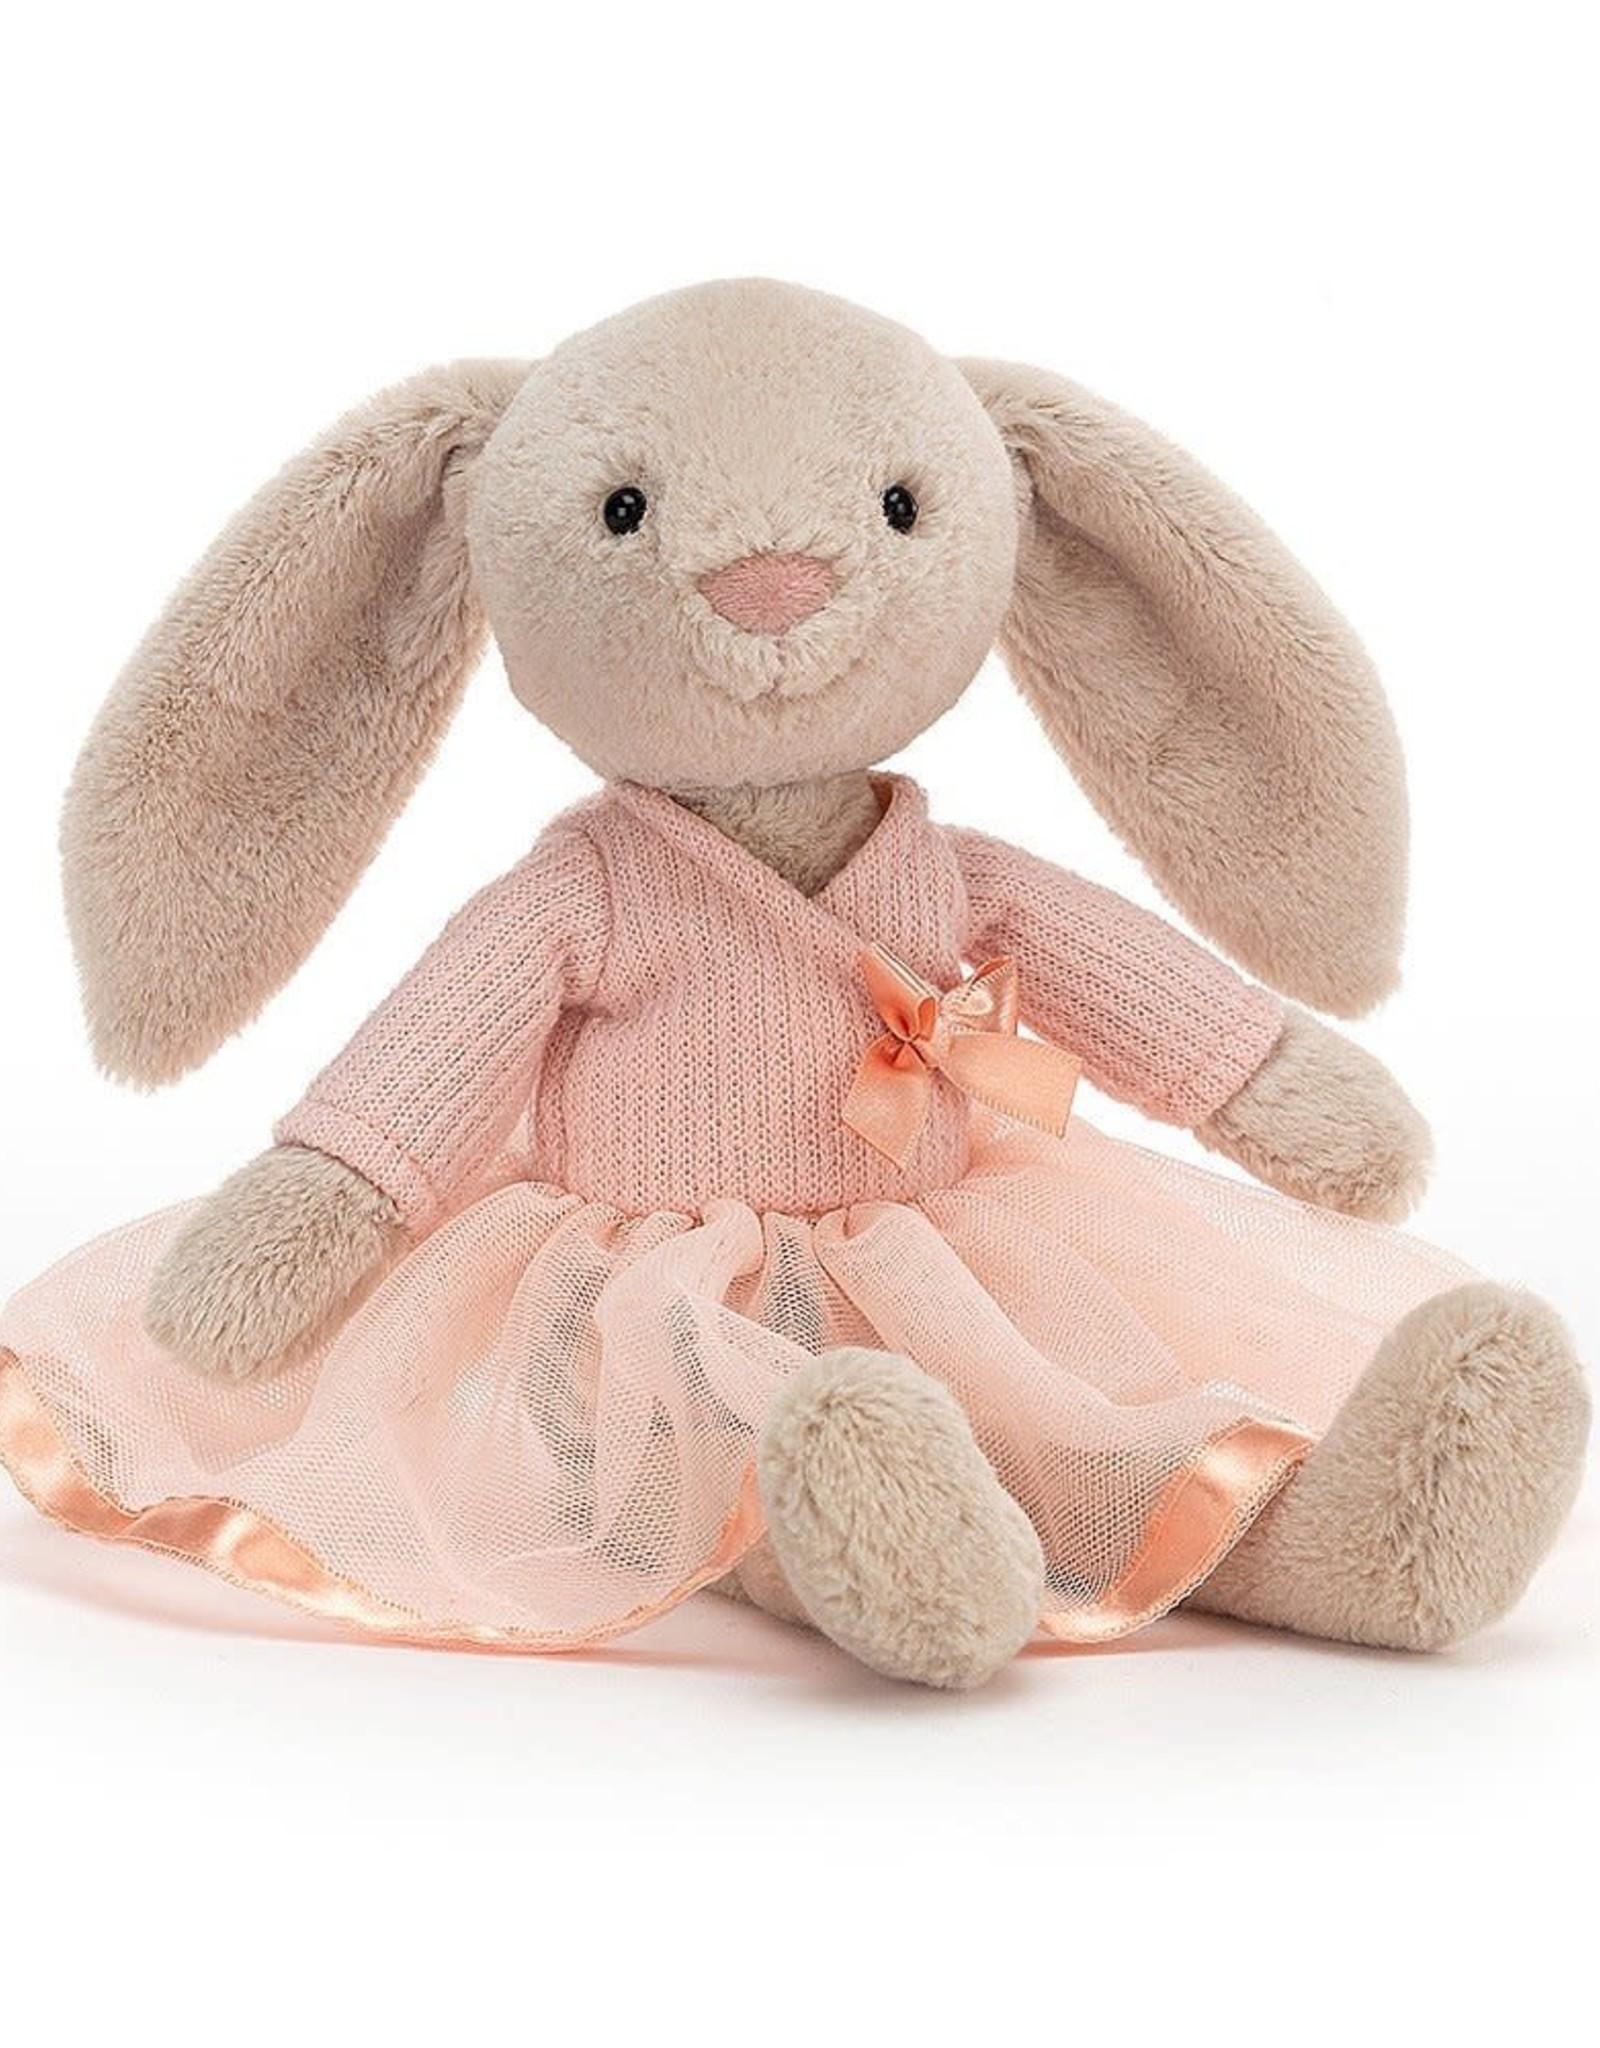 Jellycat Lottie Ballet Bunny